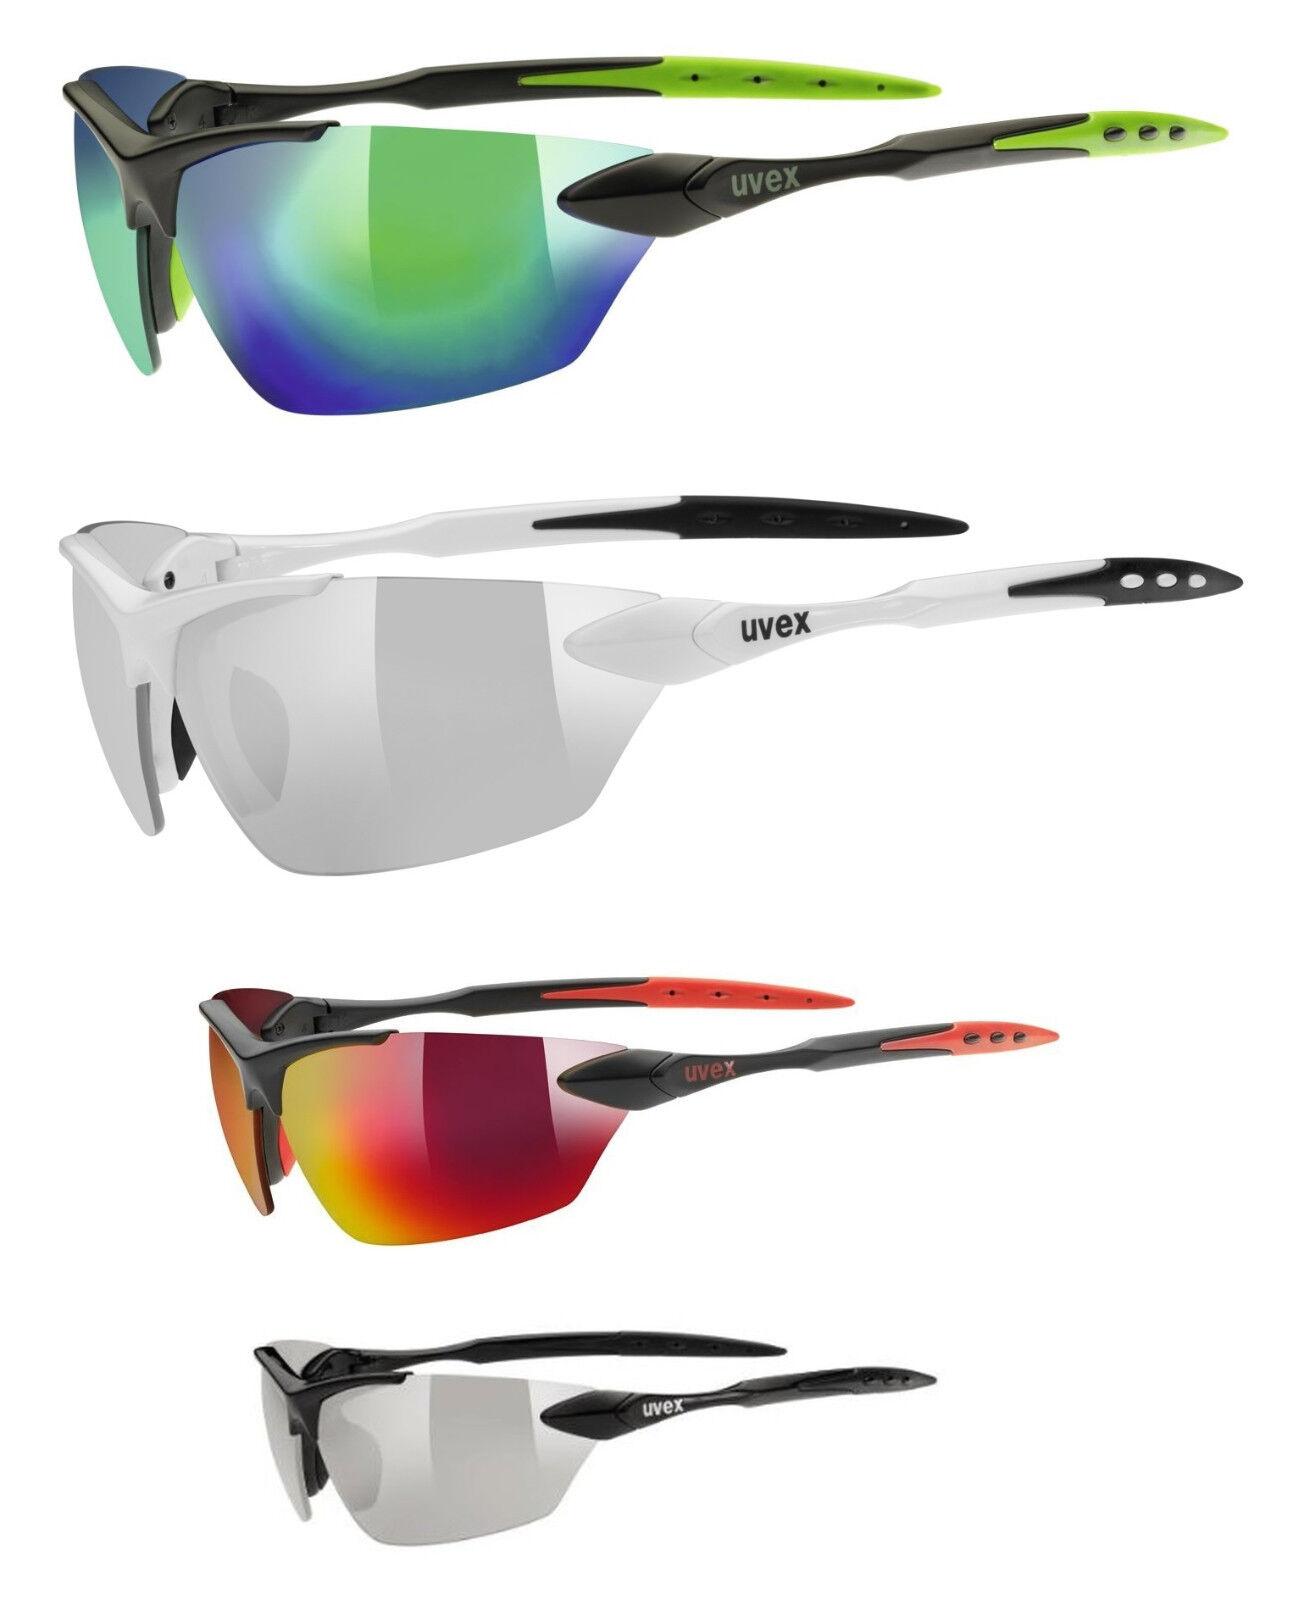 Uvex Sportstyle 203 verres de lunettes de sport neuf de revendeur spécialisé